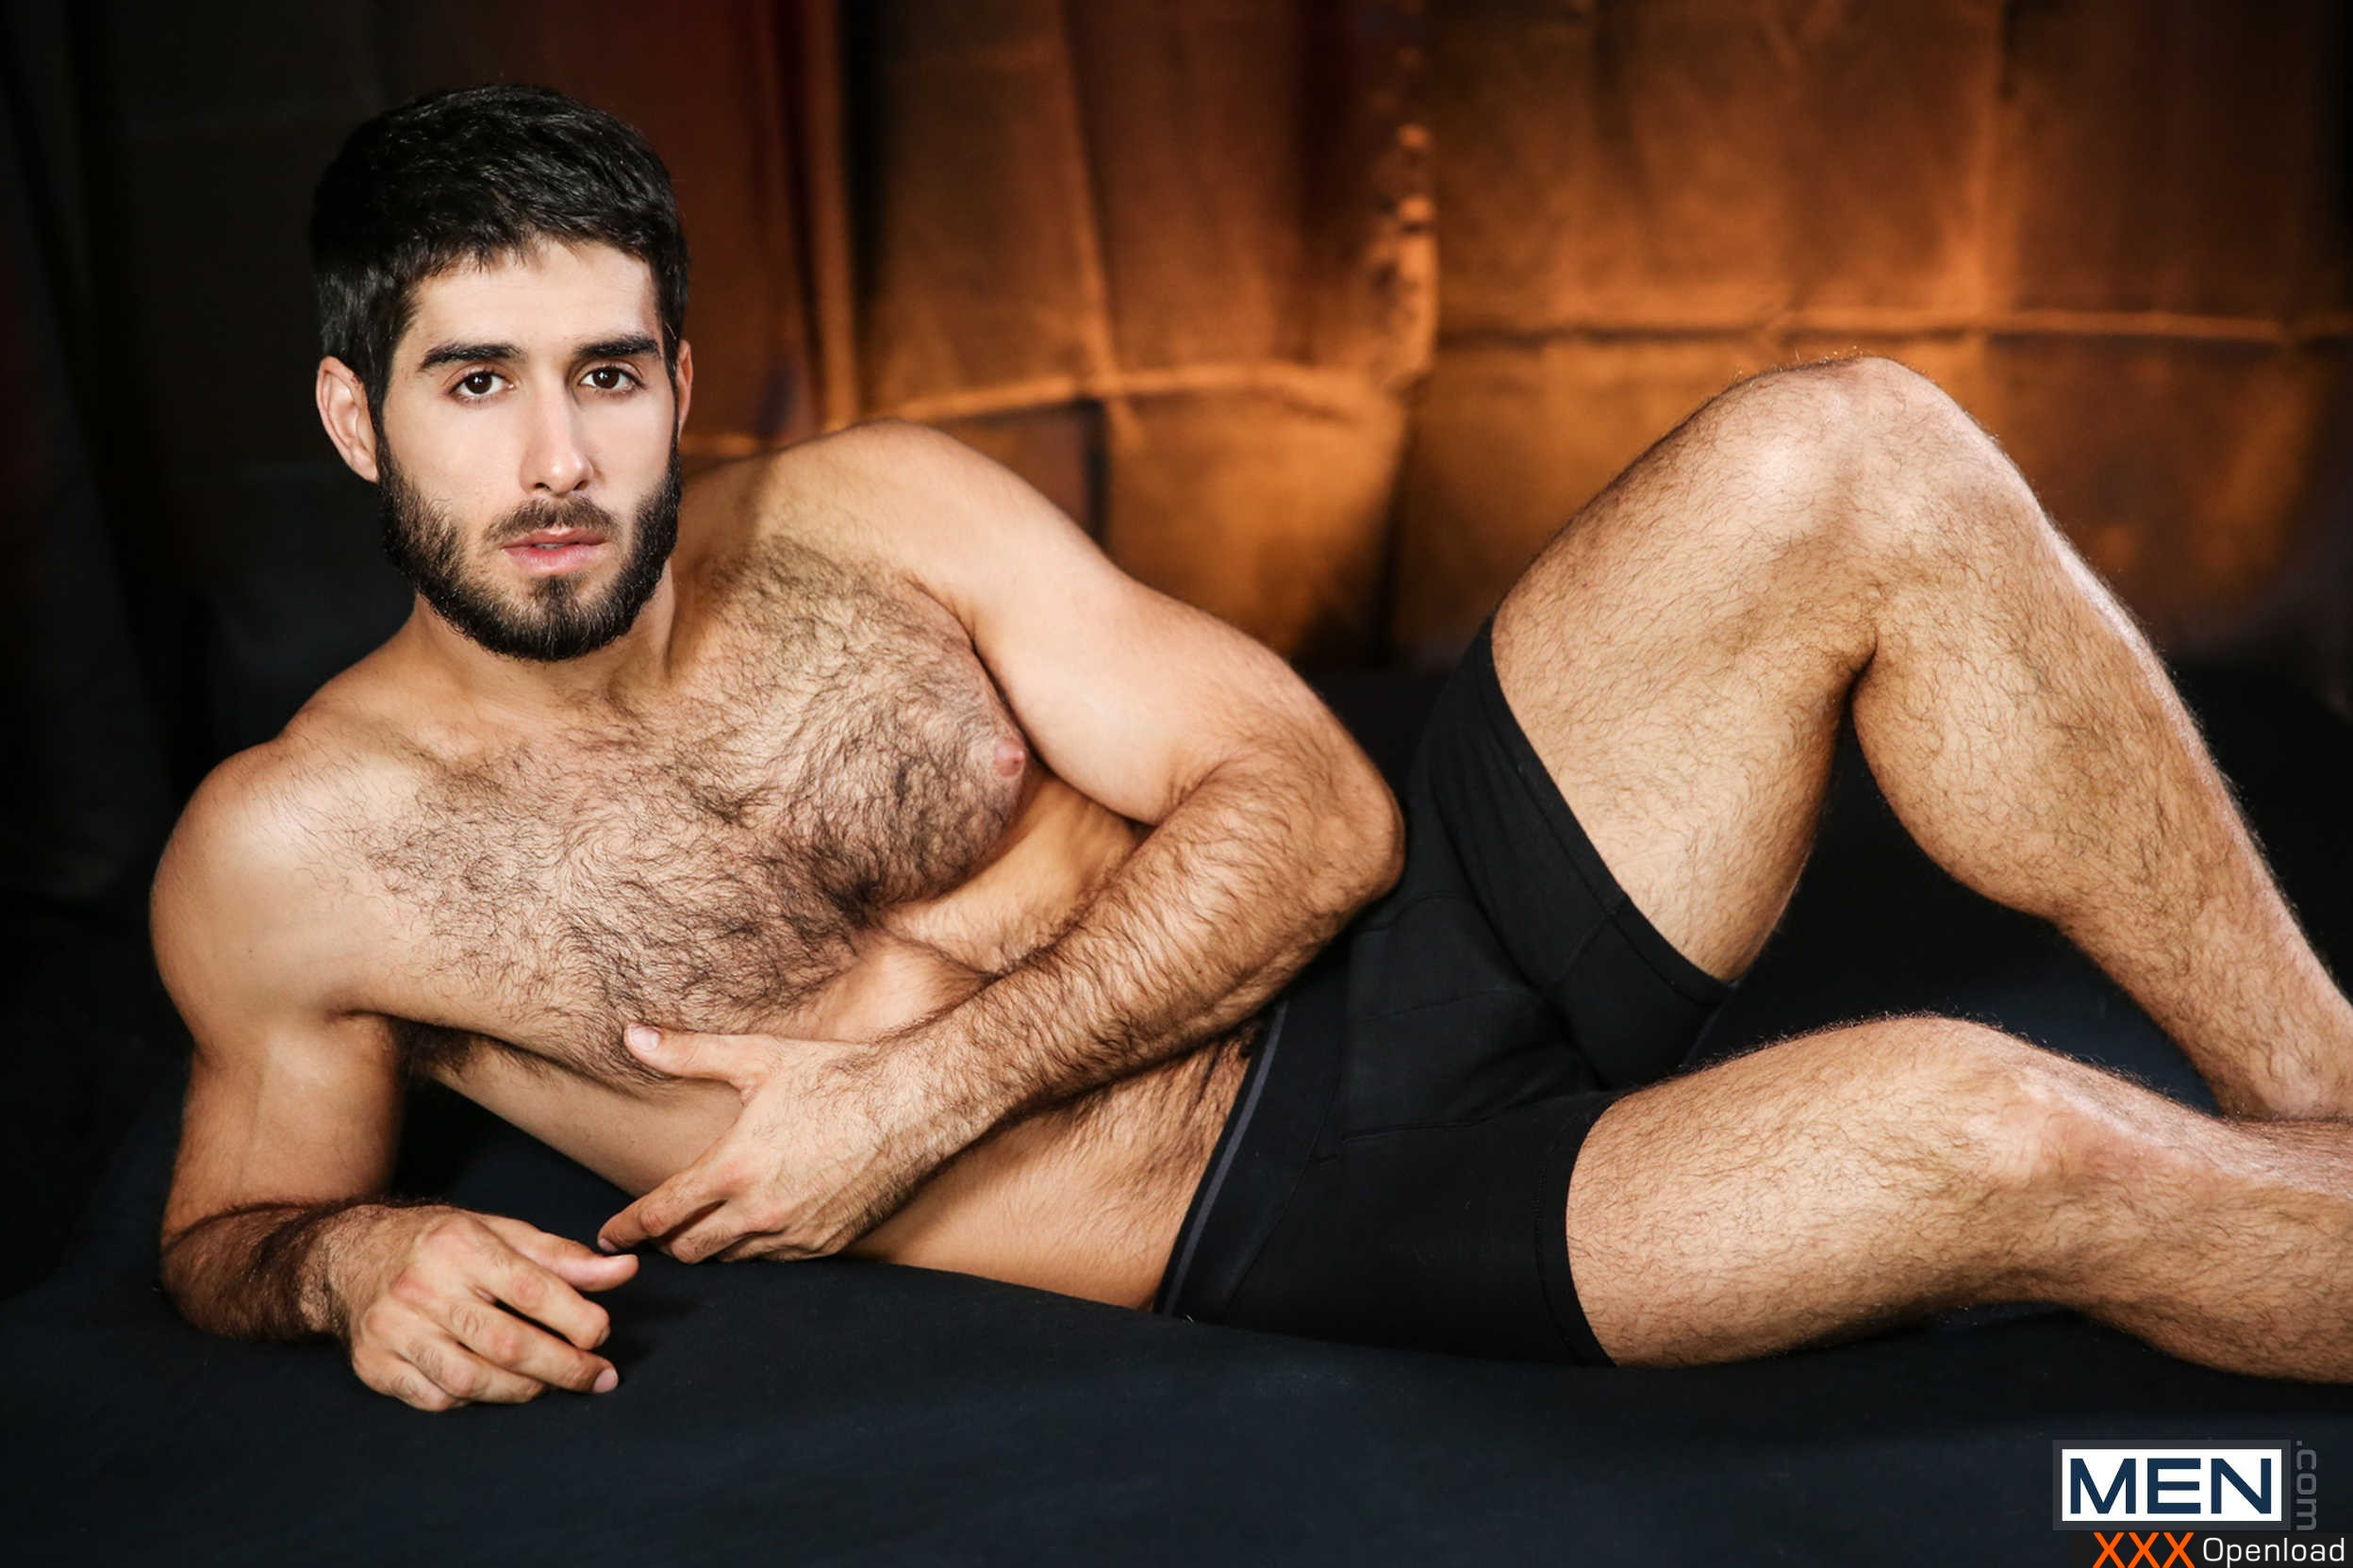 Erotic mens underwear gay